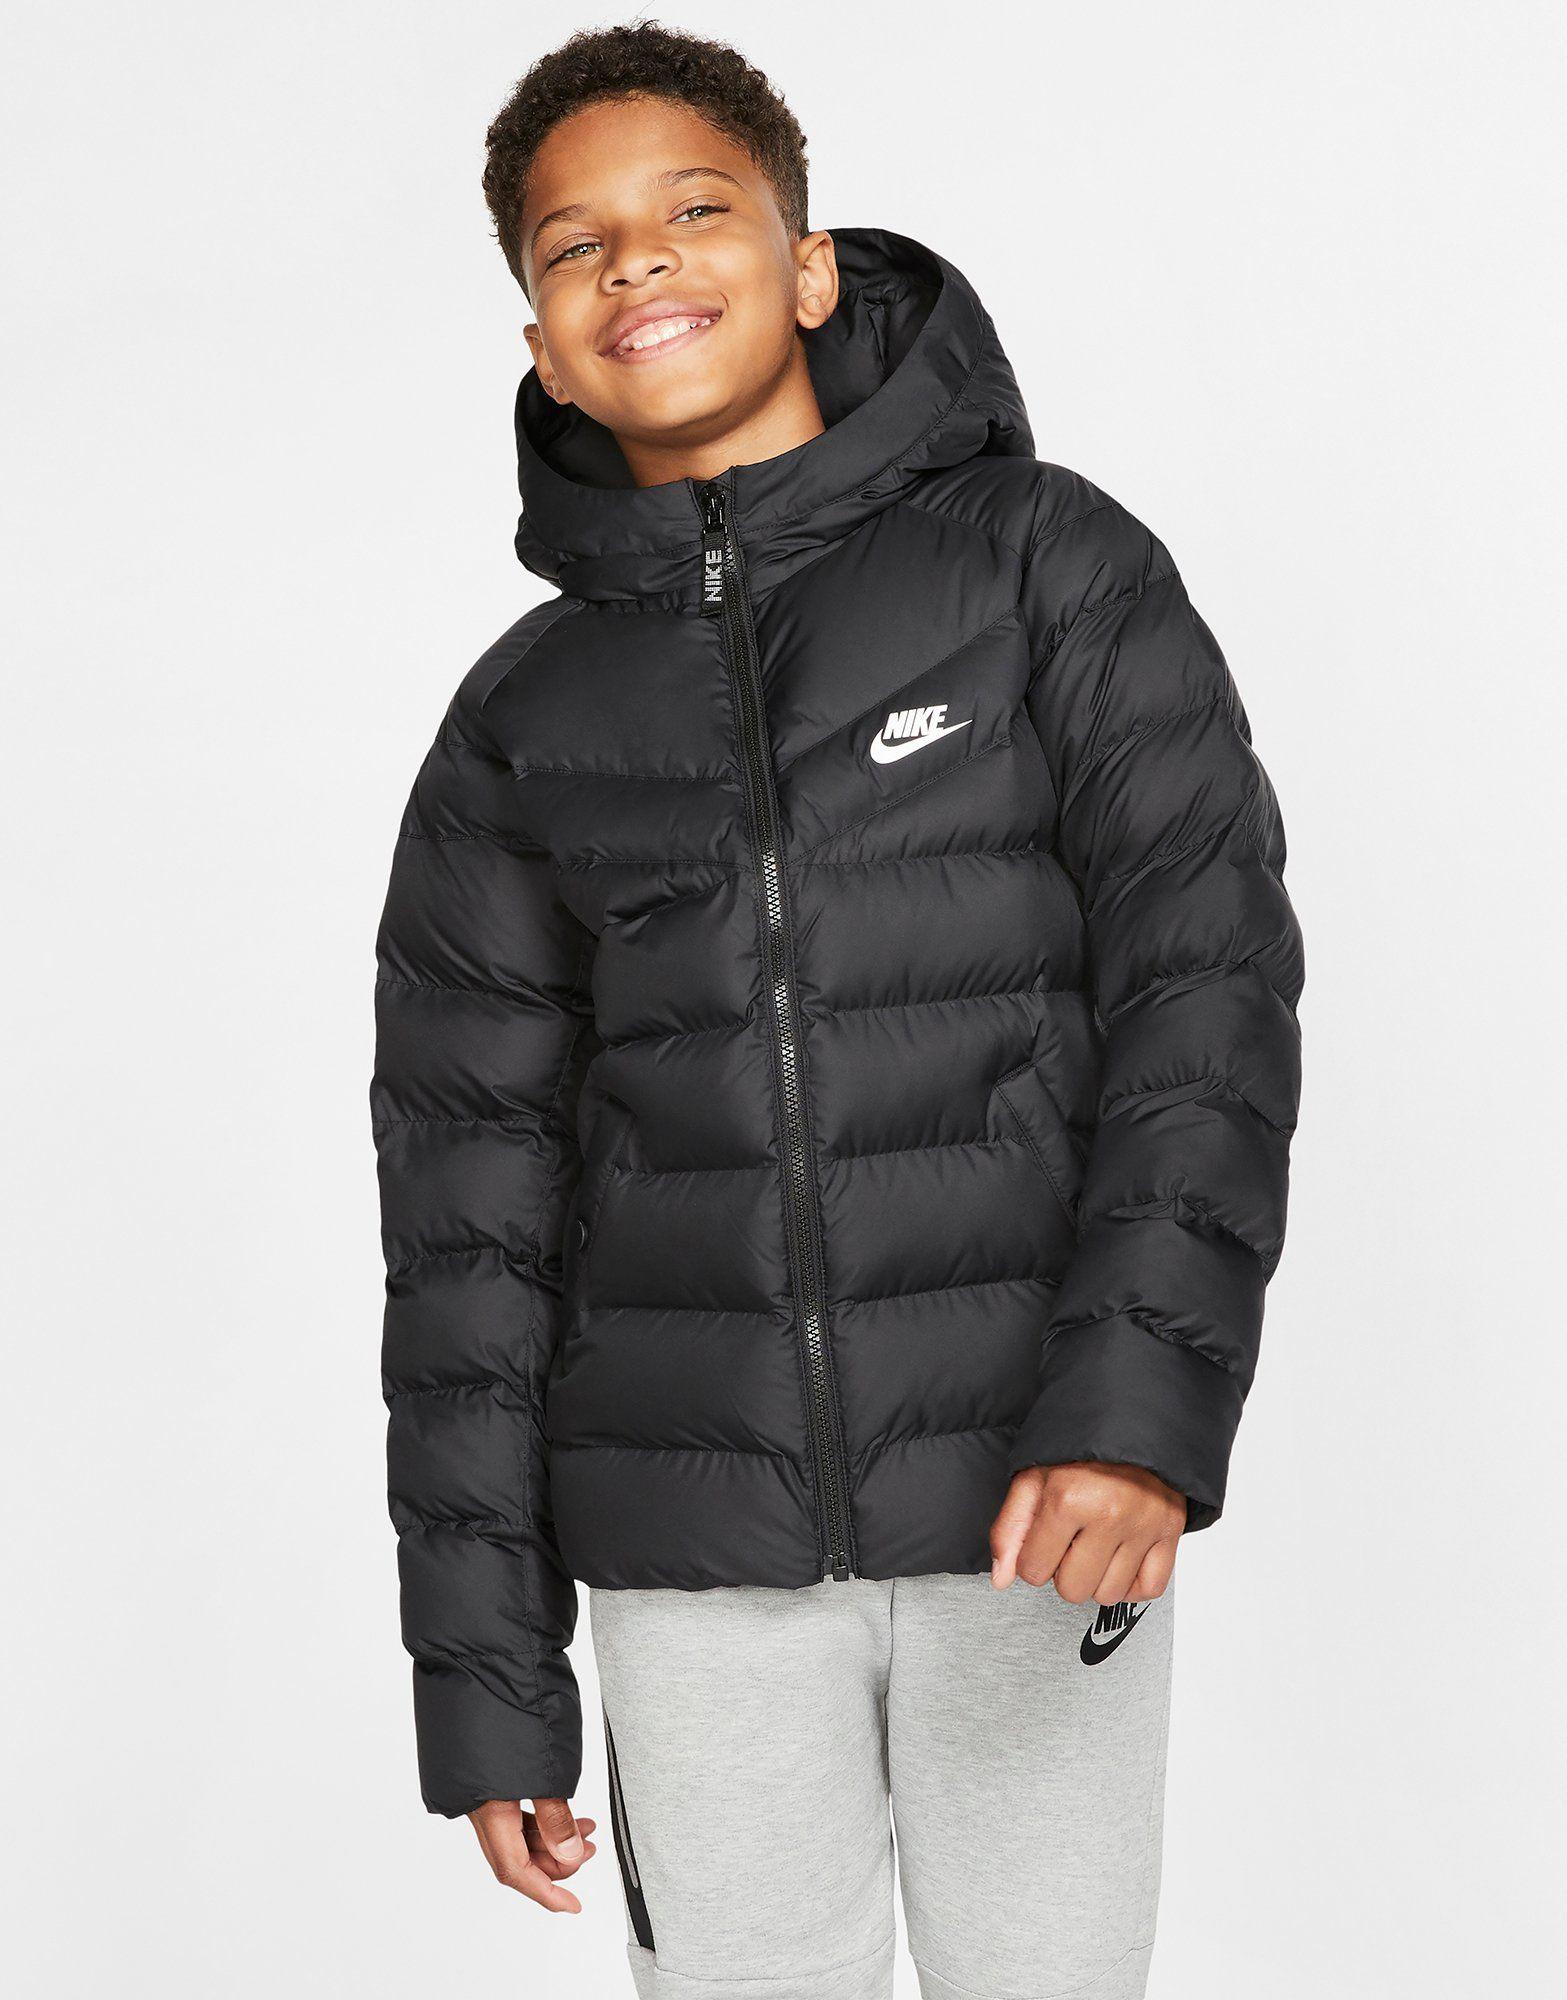 db84b4df0 Nike Nike Sportswear Older Kids' Synthetic-Fill Jacket | JD Sports